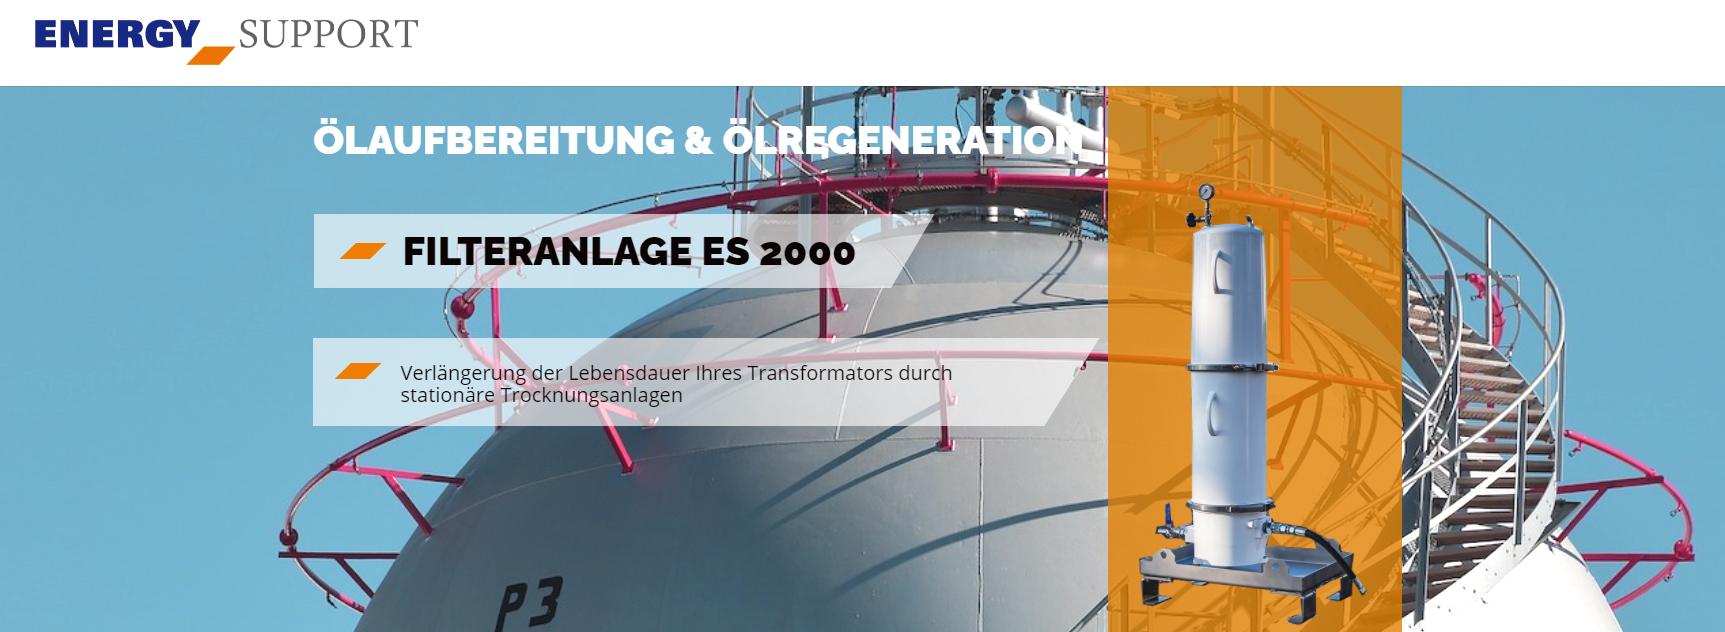 Energy Support, Filteranlage ES 2000